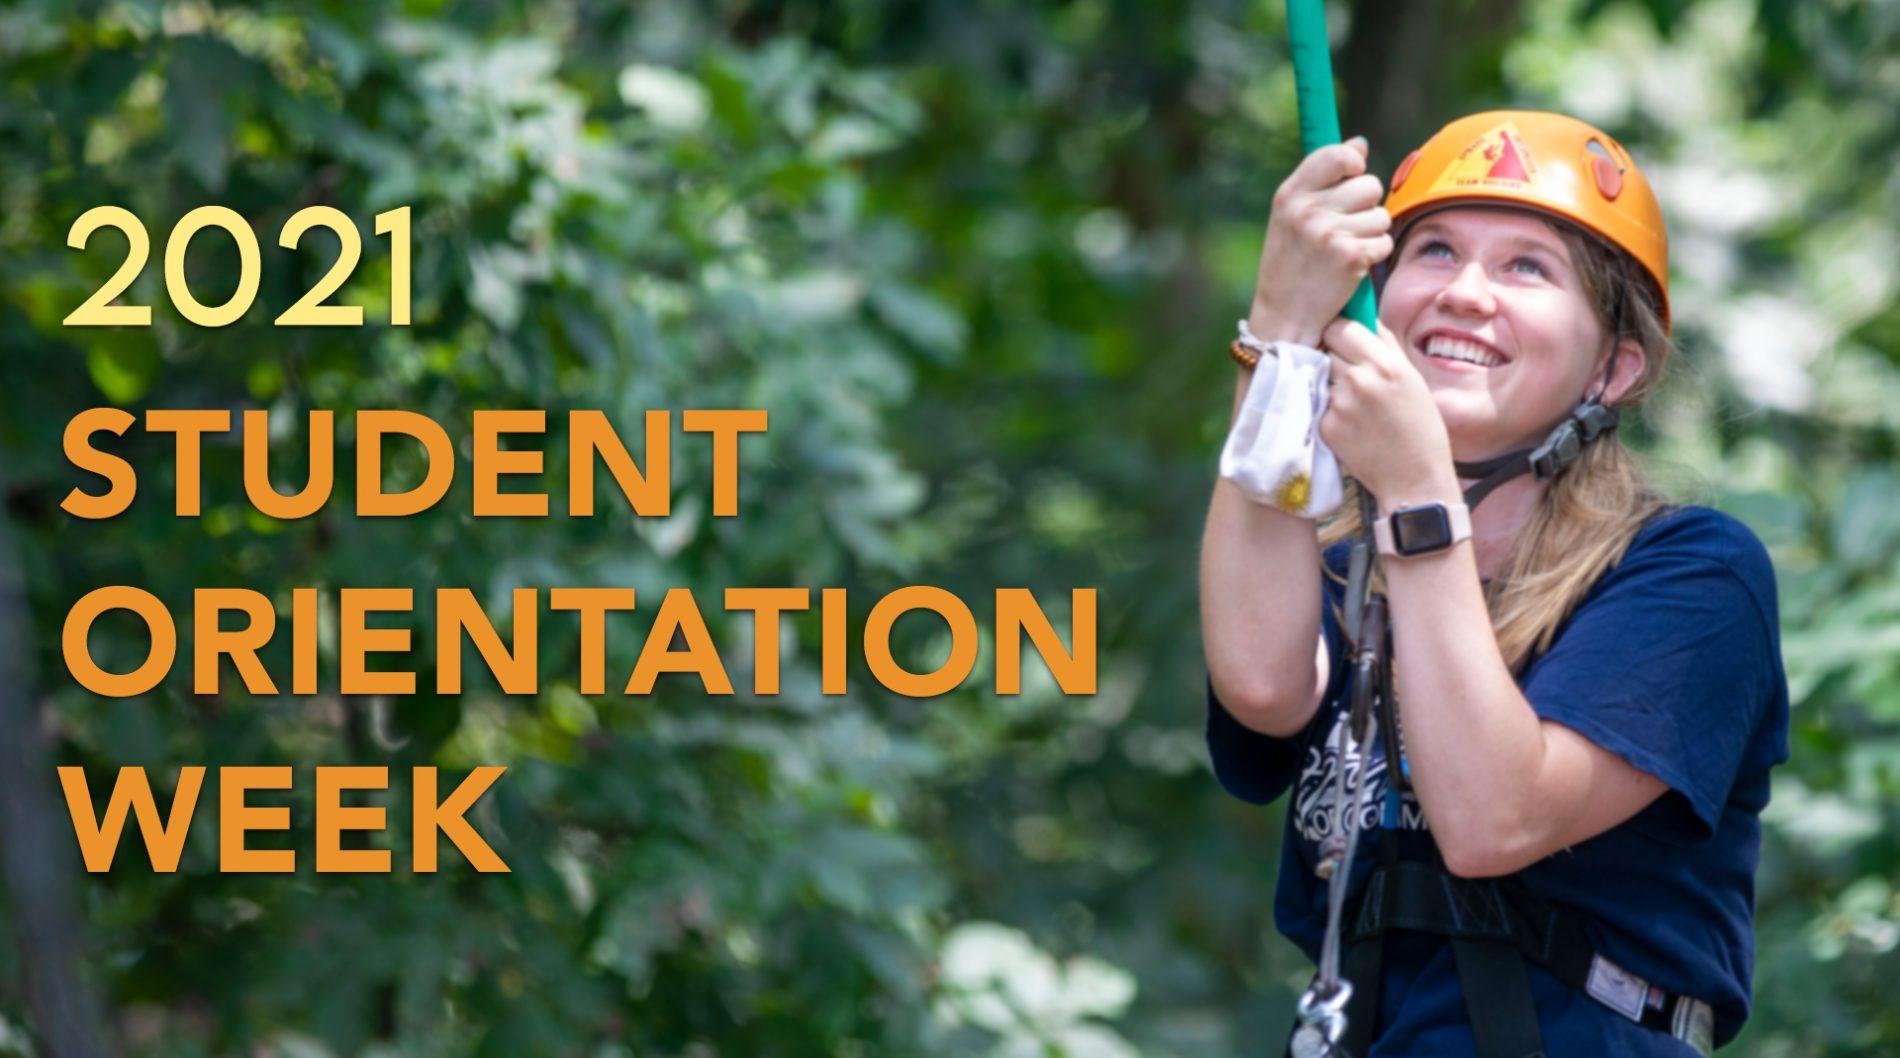 2021 Student Orientation Week